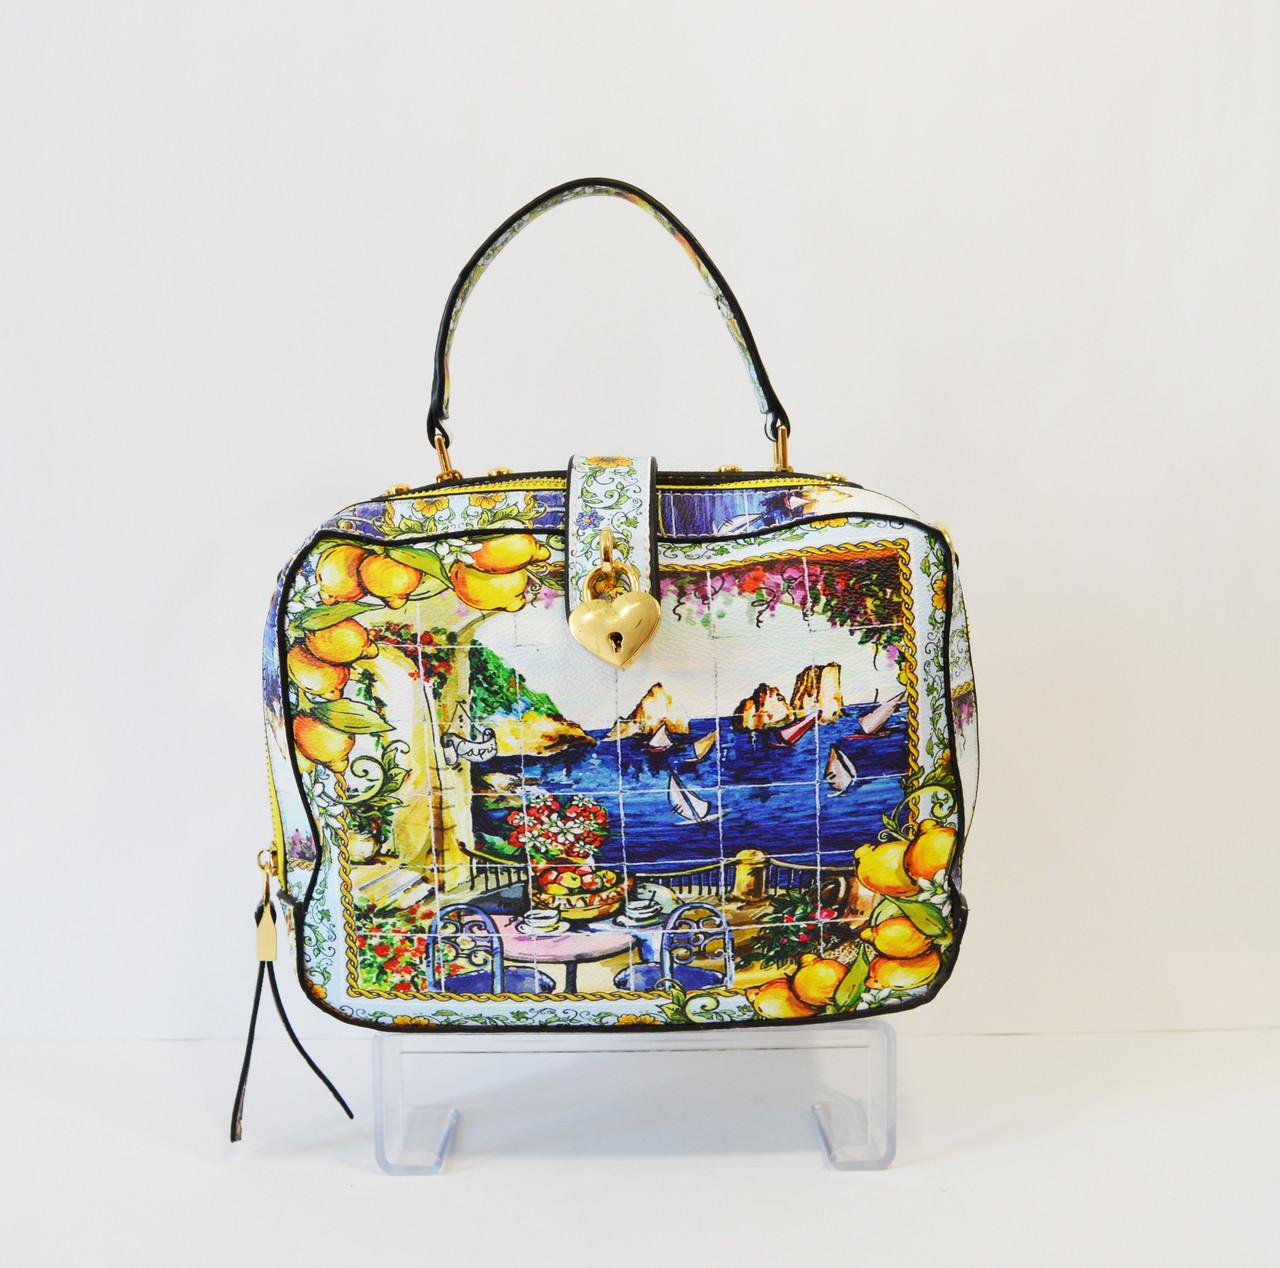 Женская сумка Batty 7041